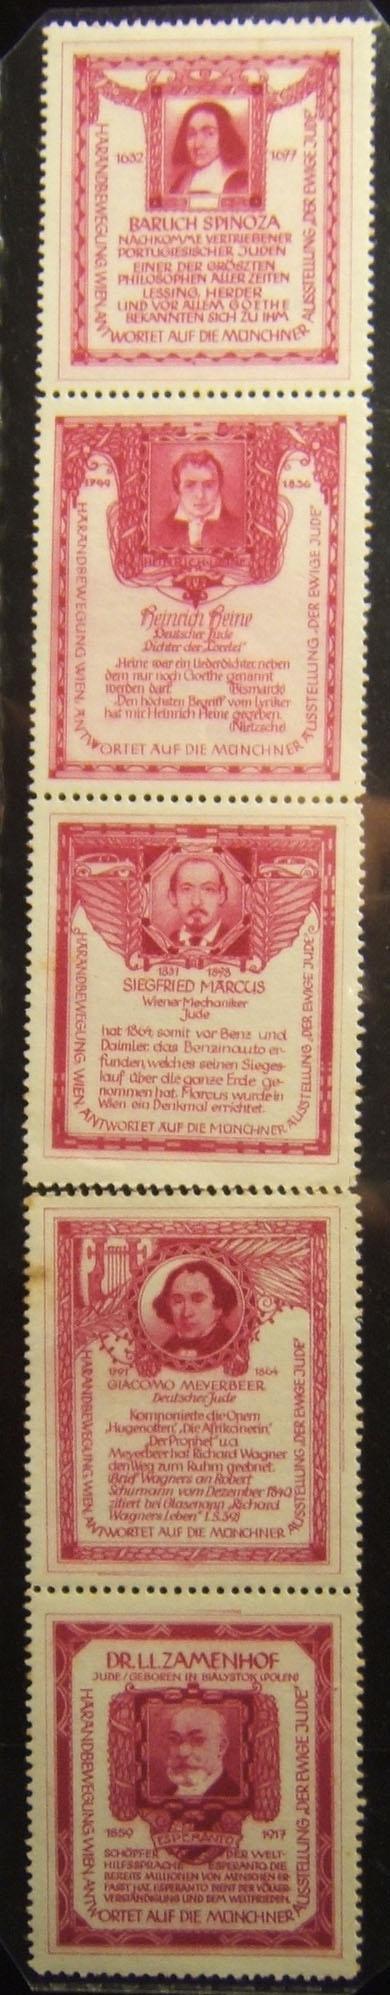 Österreich: 'Harand Movement' anti-'Ewiger Jude' Etiketten, ca. 1937